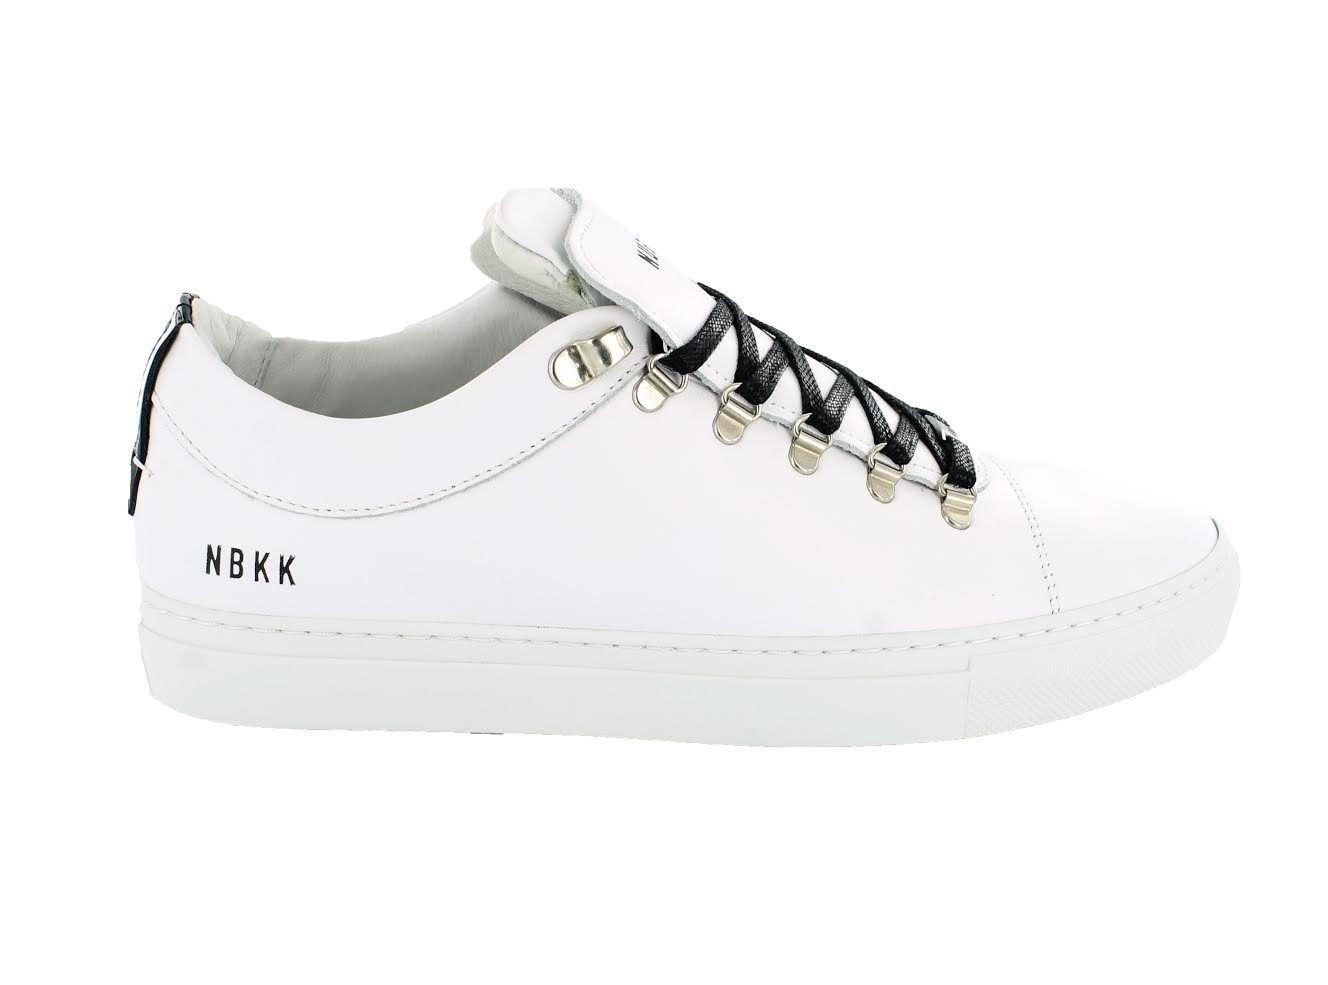 Kinderschoenen Maat 37.Nubikk Wit Maat 37 149 95 Online Schoenen Bestellen Van